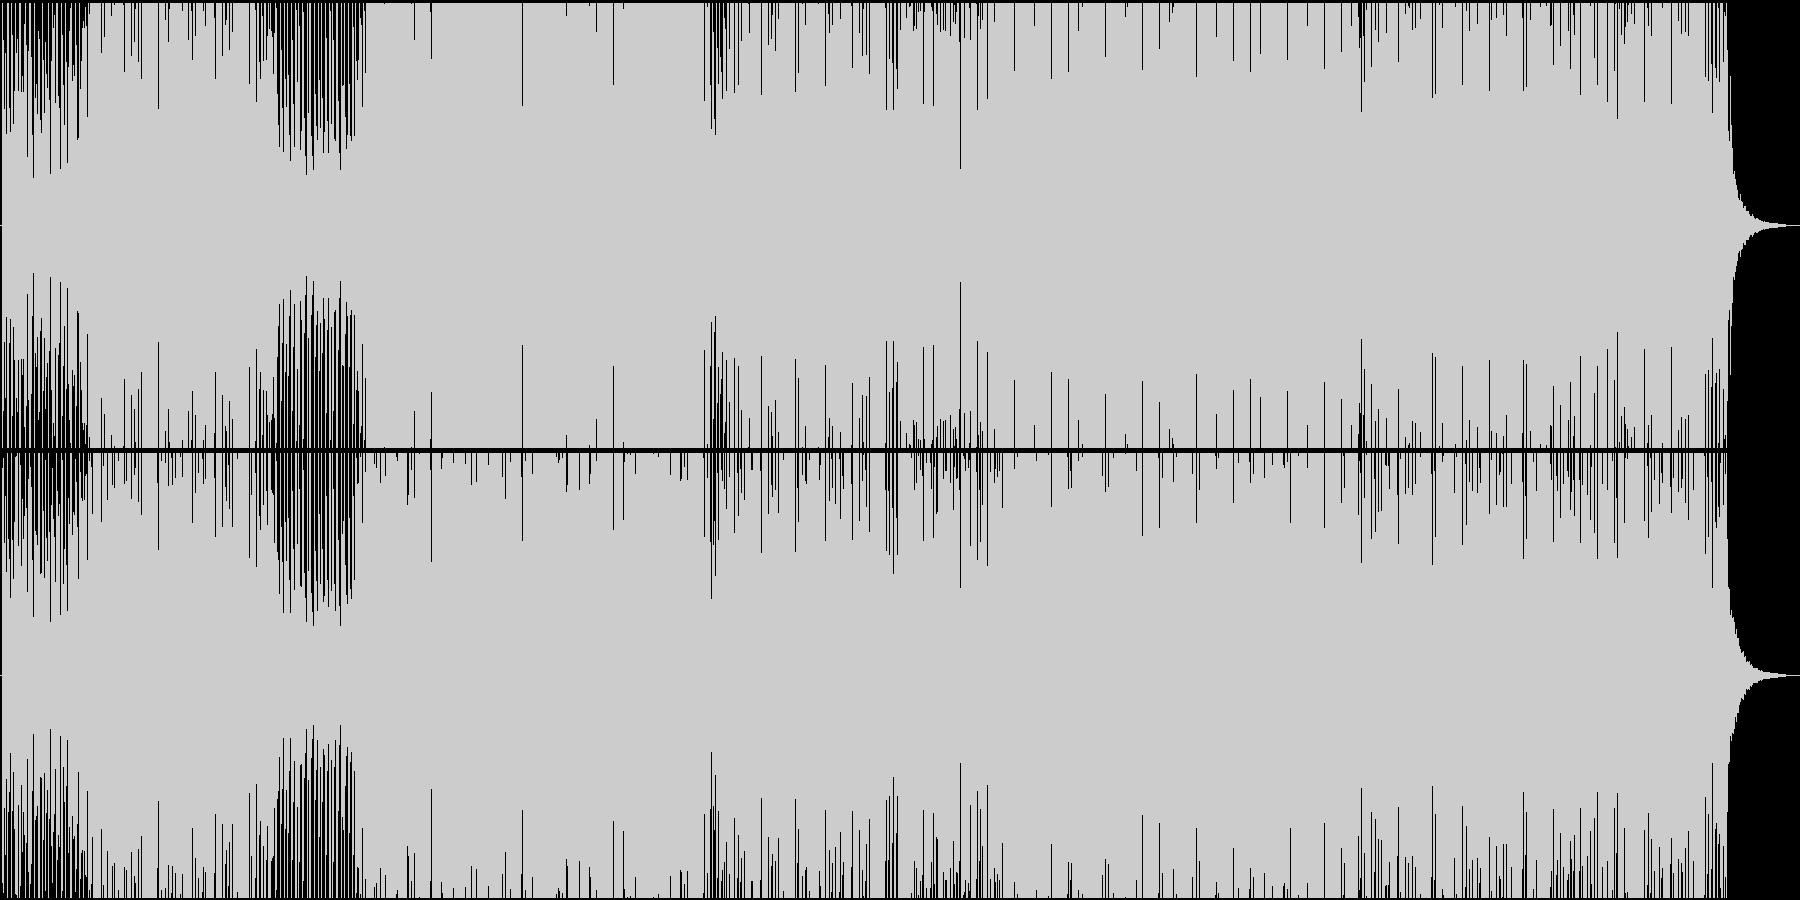 楽しいラテンピアノのレガトン系EDMの未再生の波形